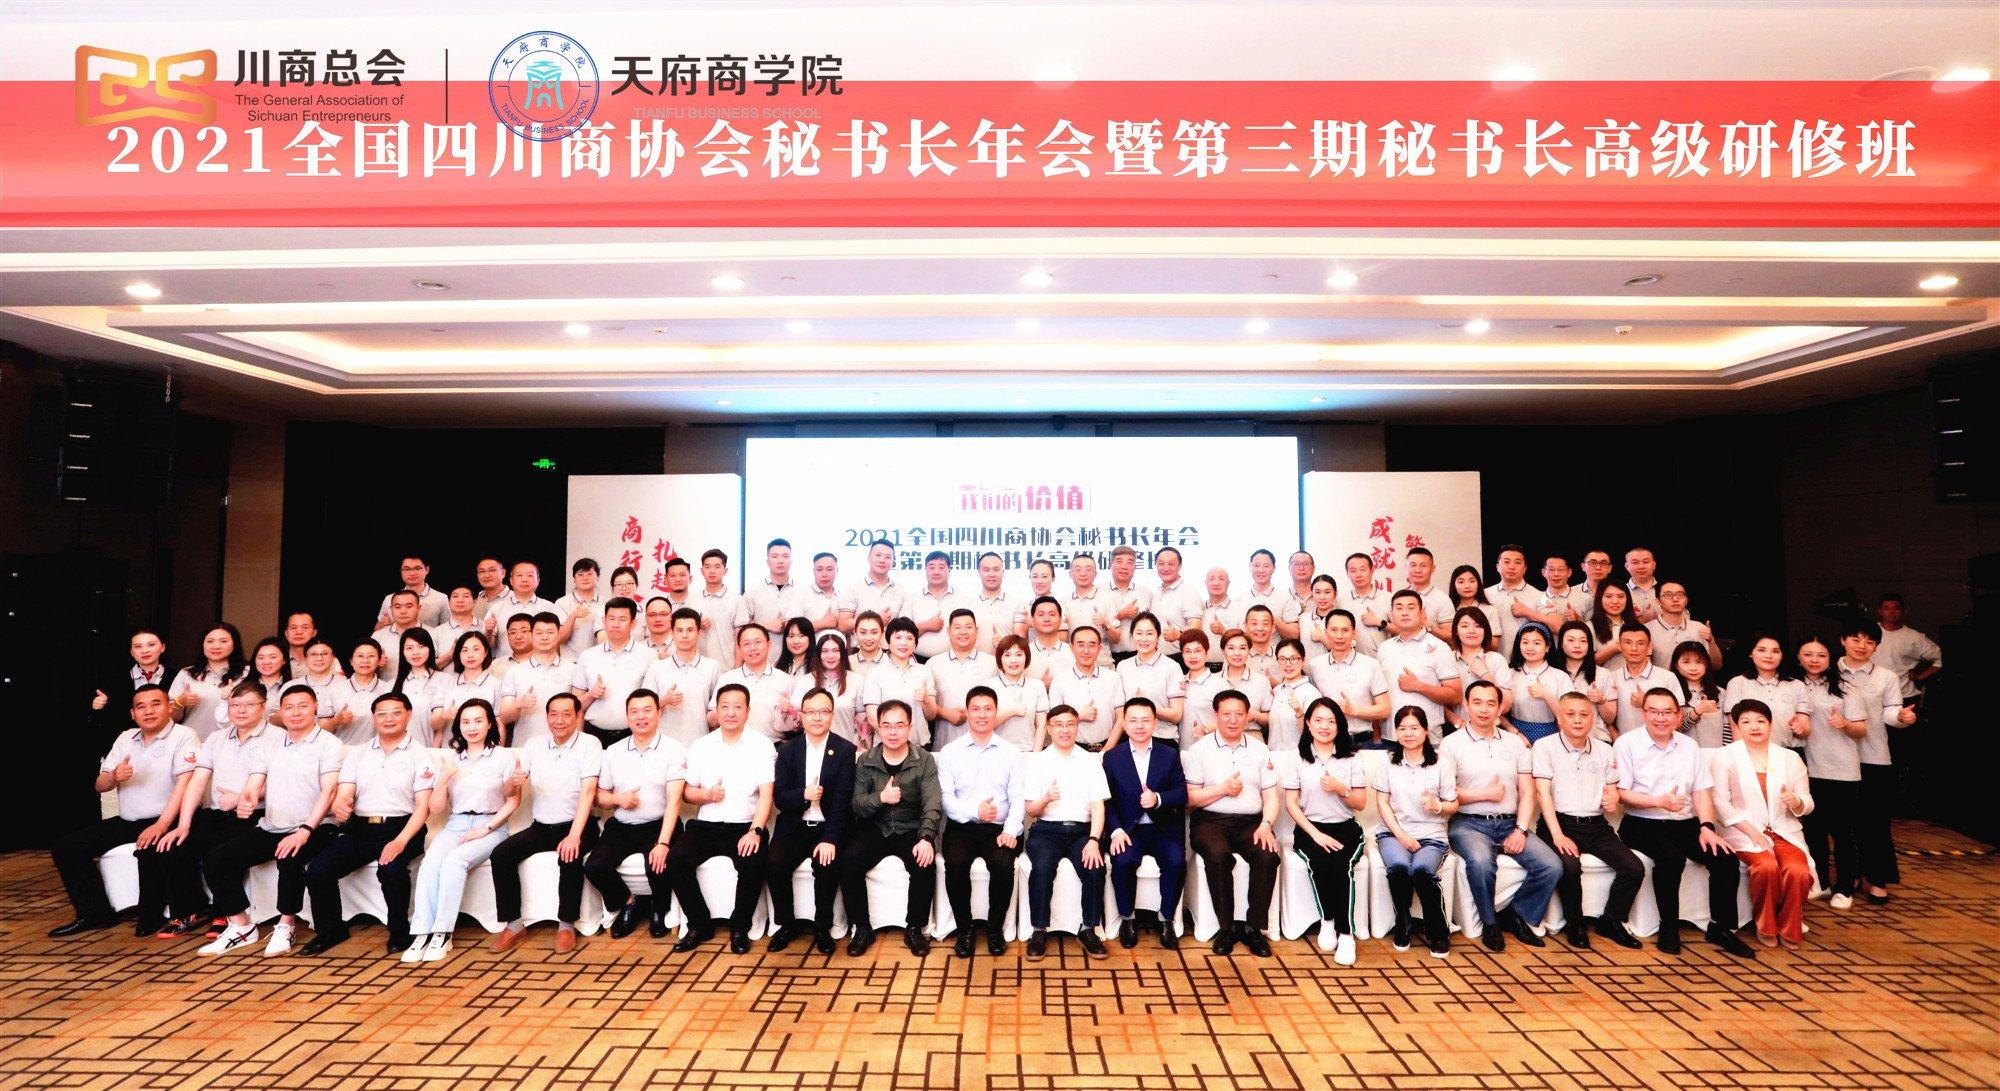 【祝贺】2021全国四川商协会秘书长年会暨第三期秘书长高级研修班圆满结束